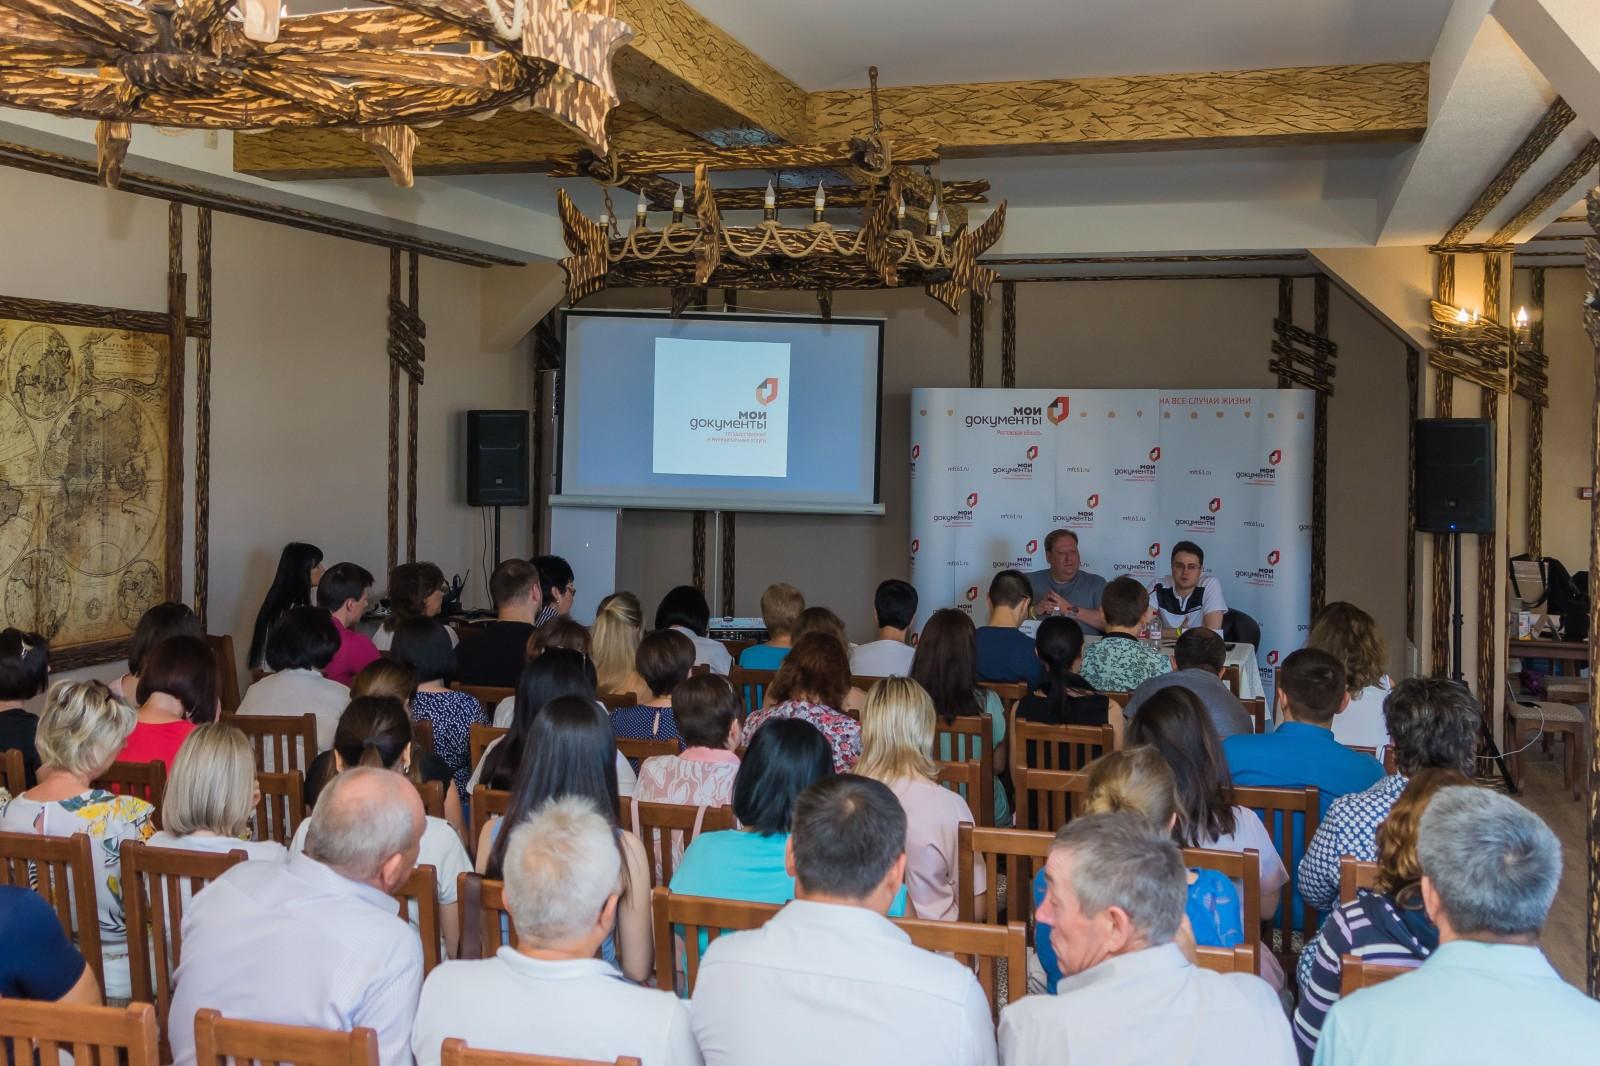 Предложения для создания новой концепции МФЦ 2.0 сделали руководители МФЦ Ростовской области